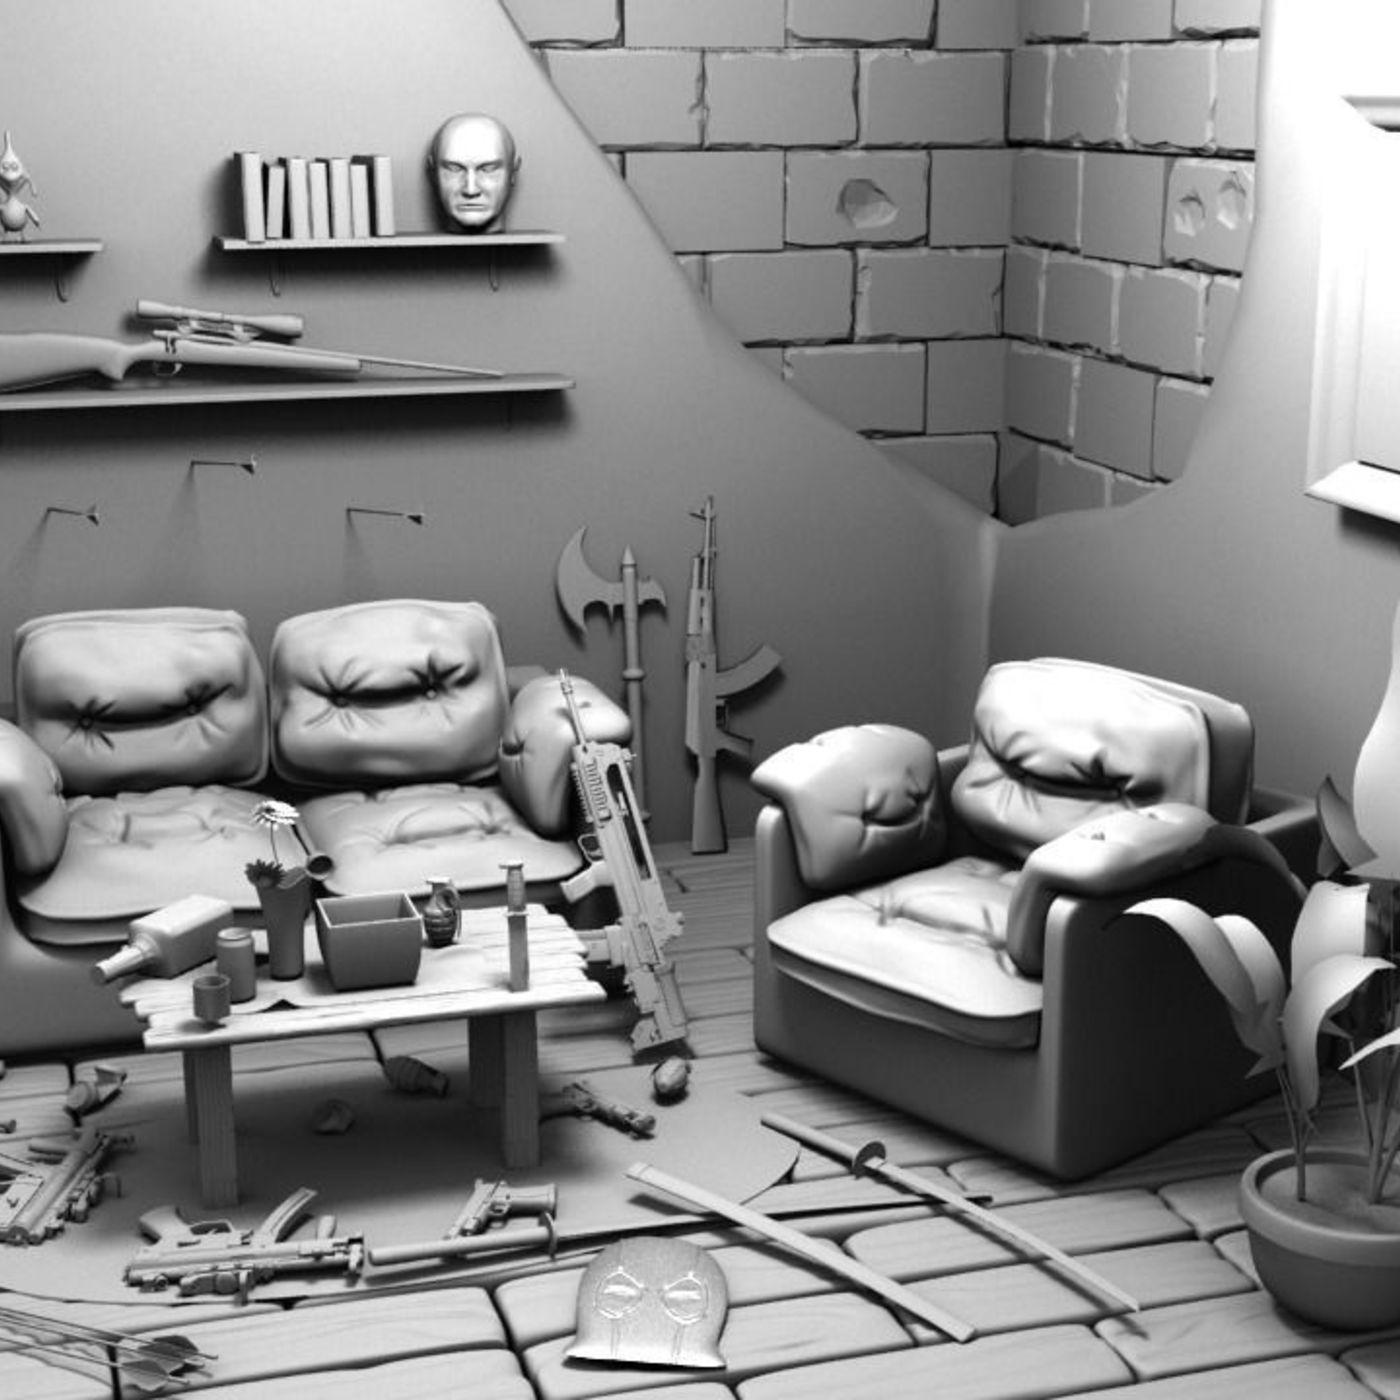 Deadpool's room